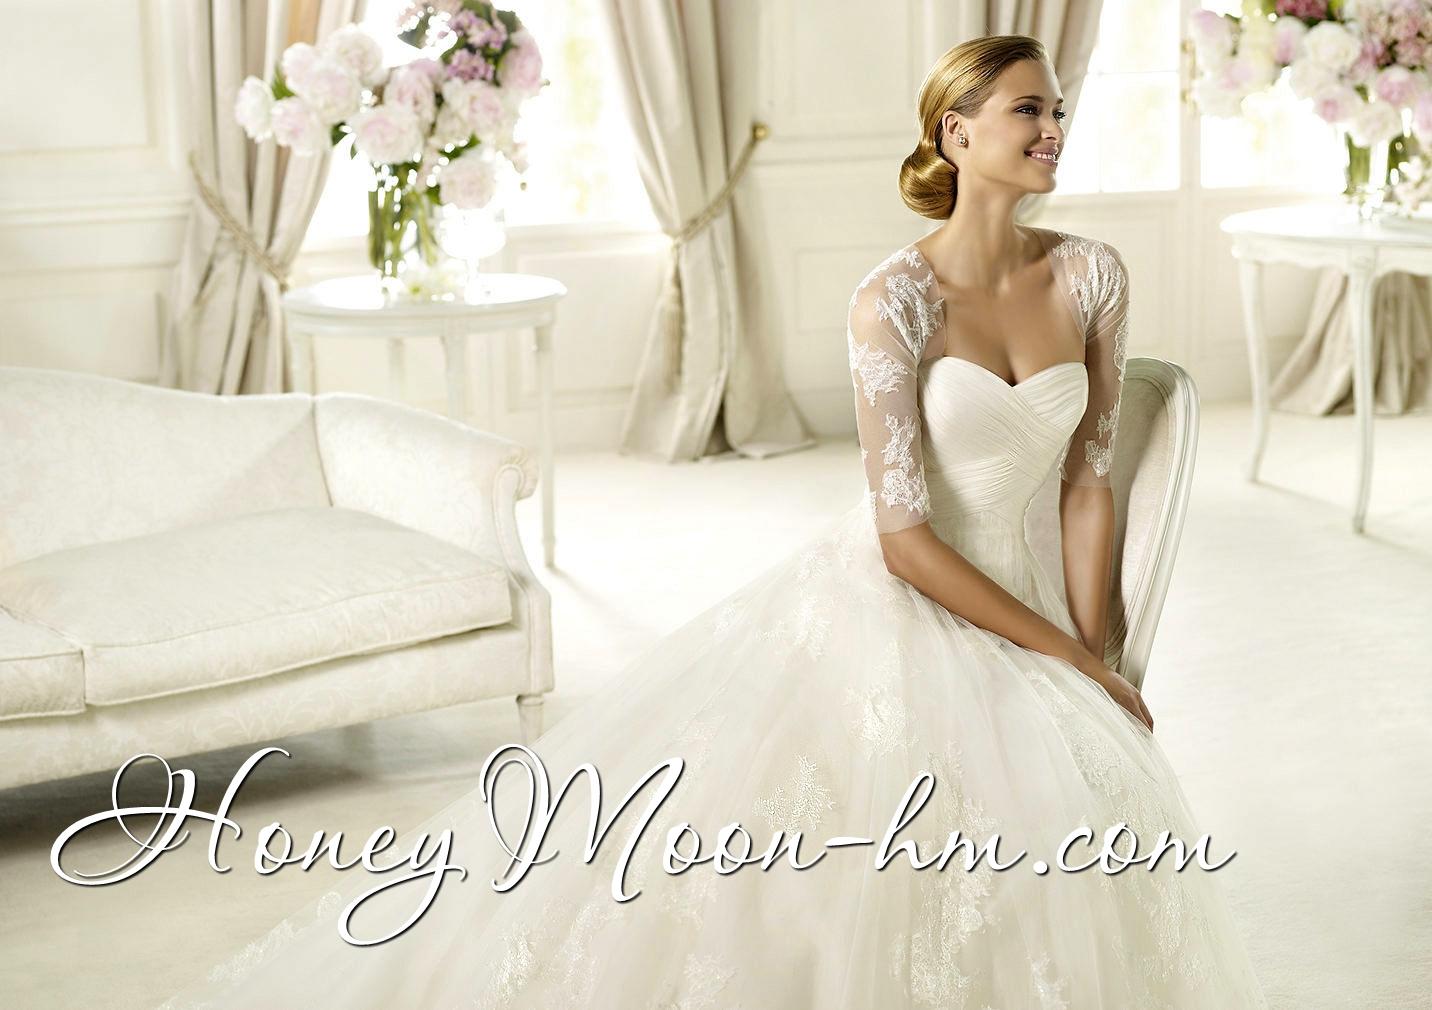 Петрозаводск свадебные магазины